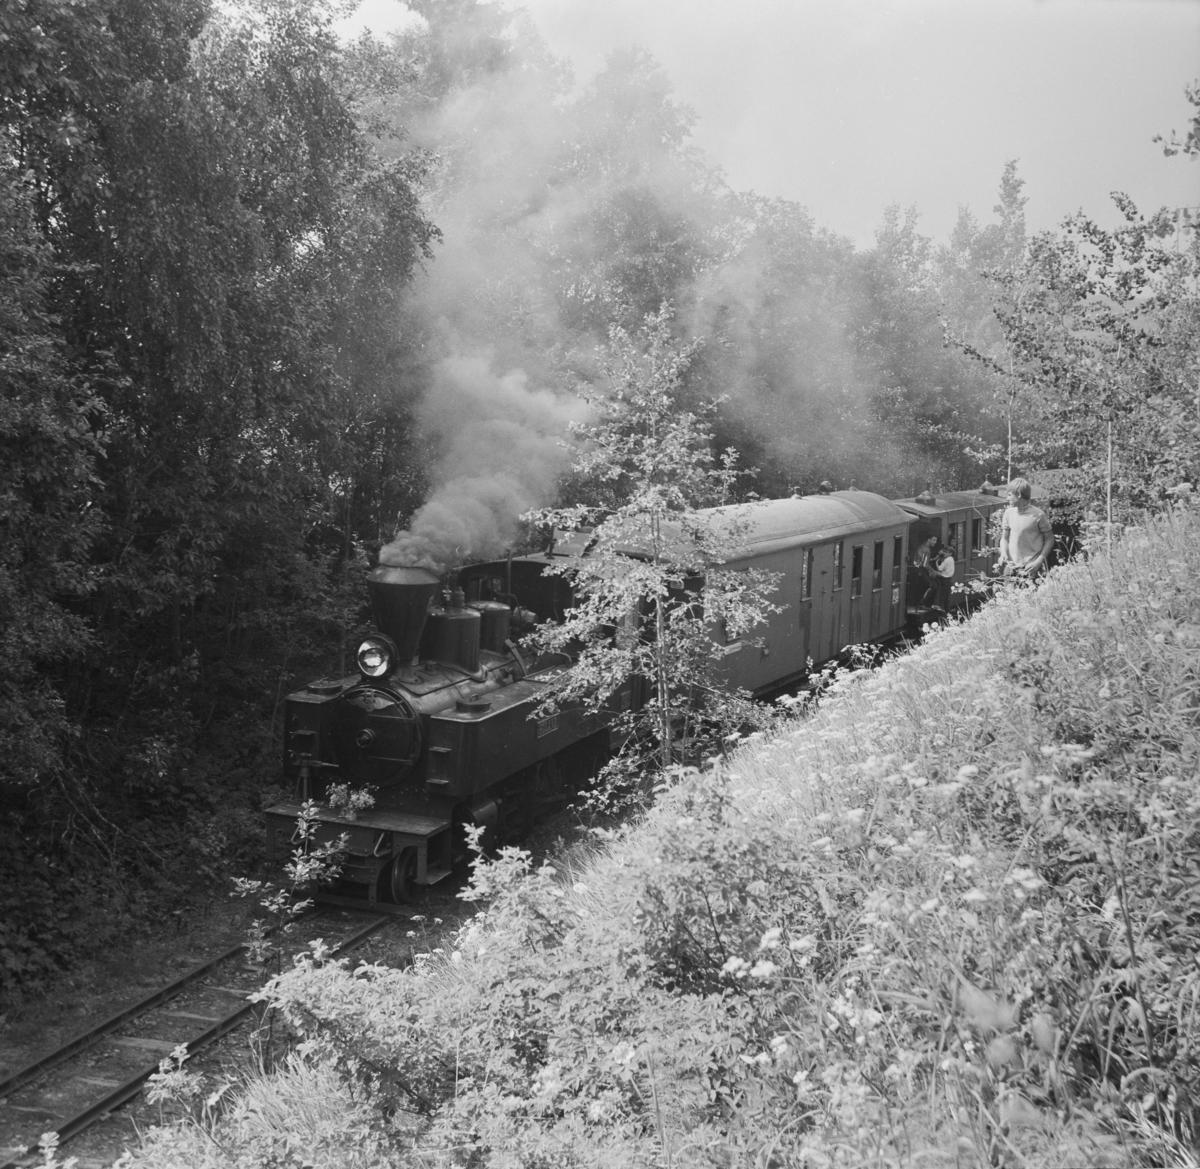 Museumsbanens åpningstog ved museumsbanens midlertidige endestasjon ved Fyen 19. juni 1966.